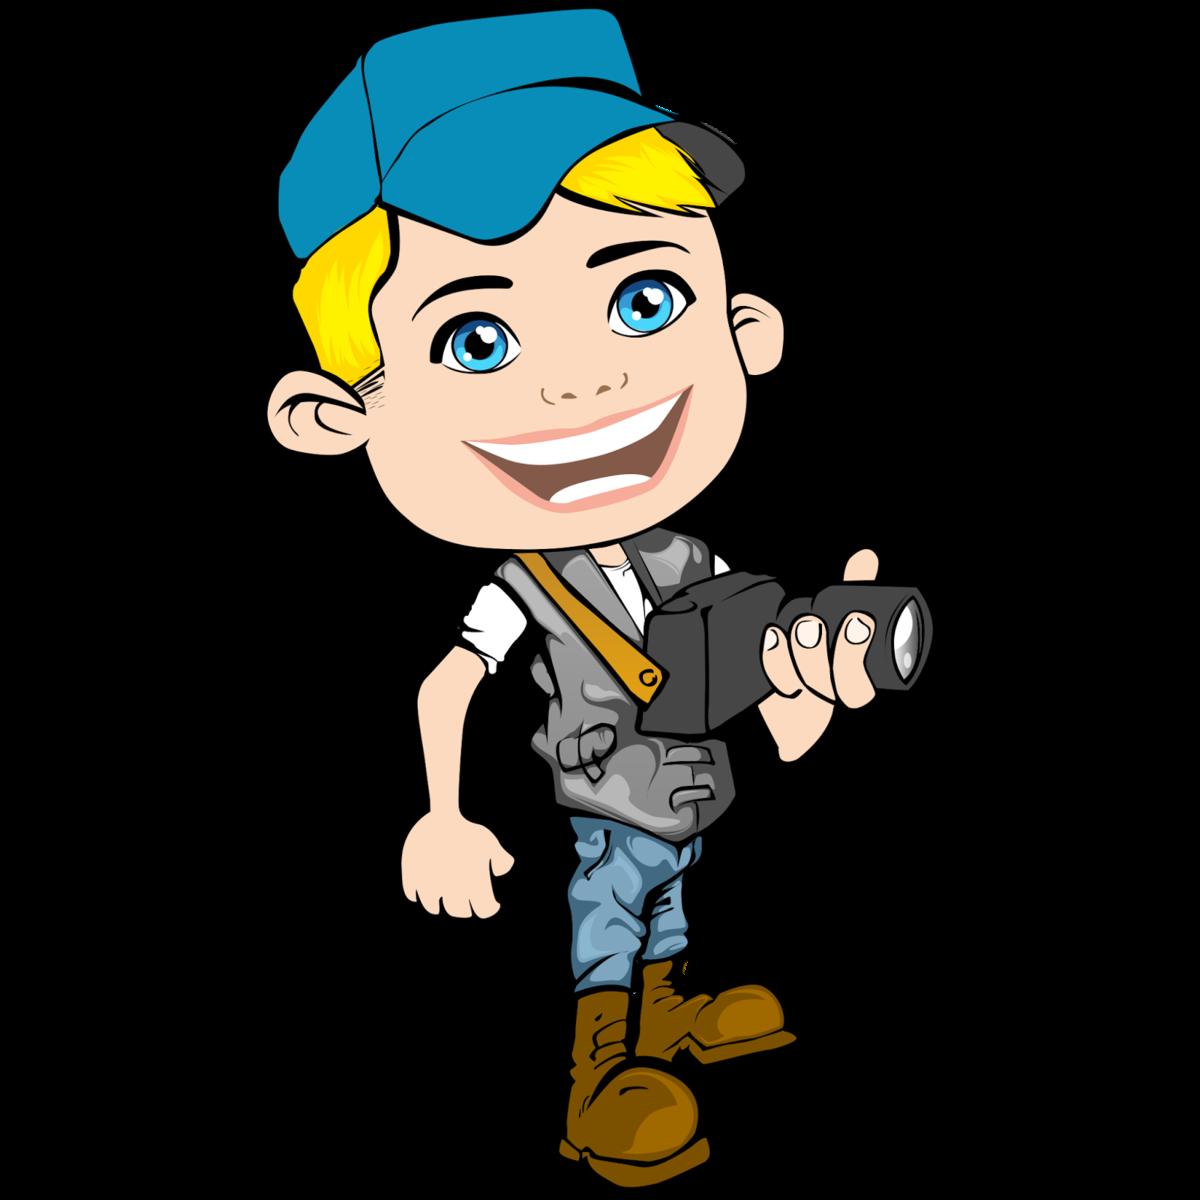 Картинки для фотошопа для детей профессии